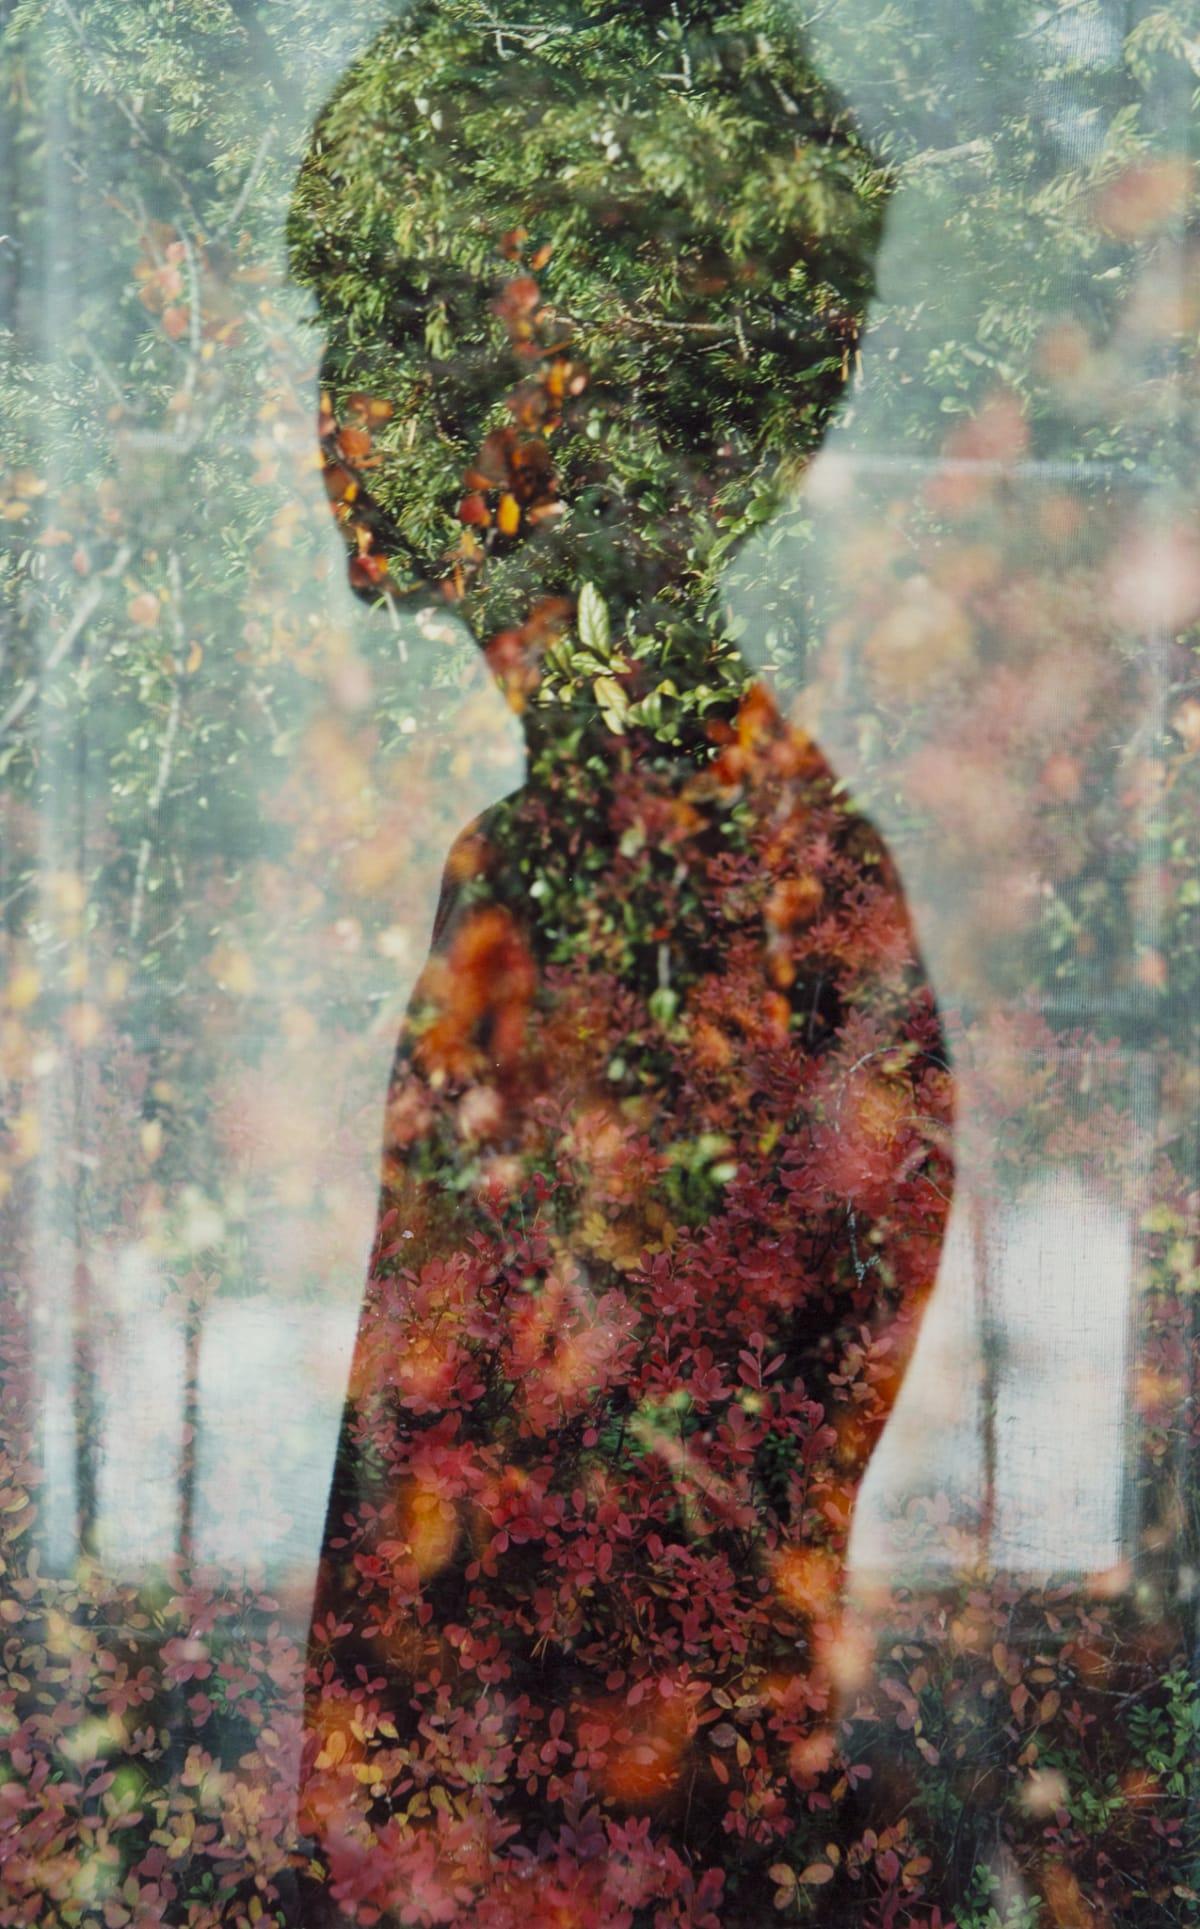 Erle M. Kyllingmark, Untitled Journey #1, 2018